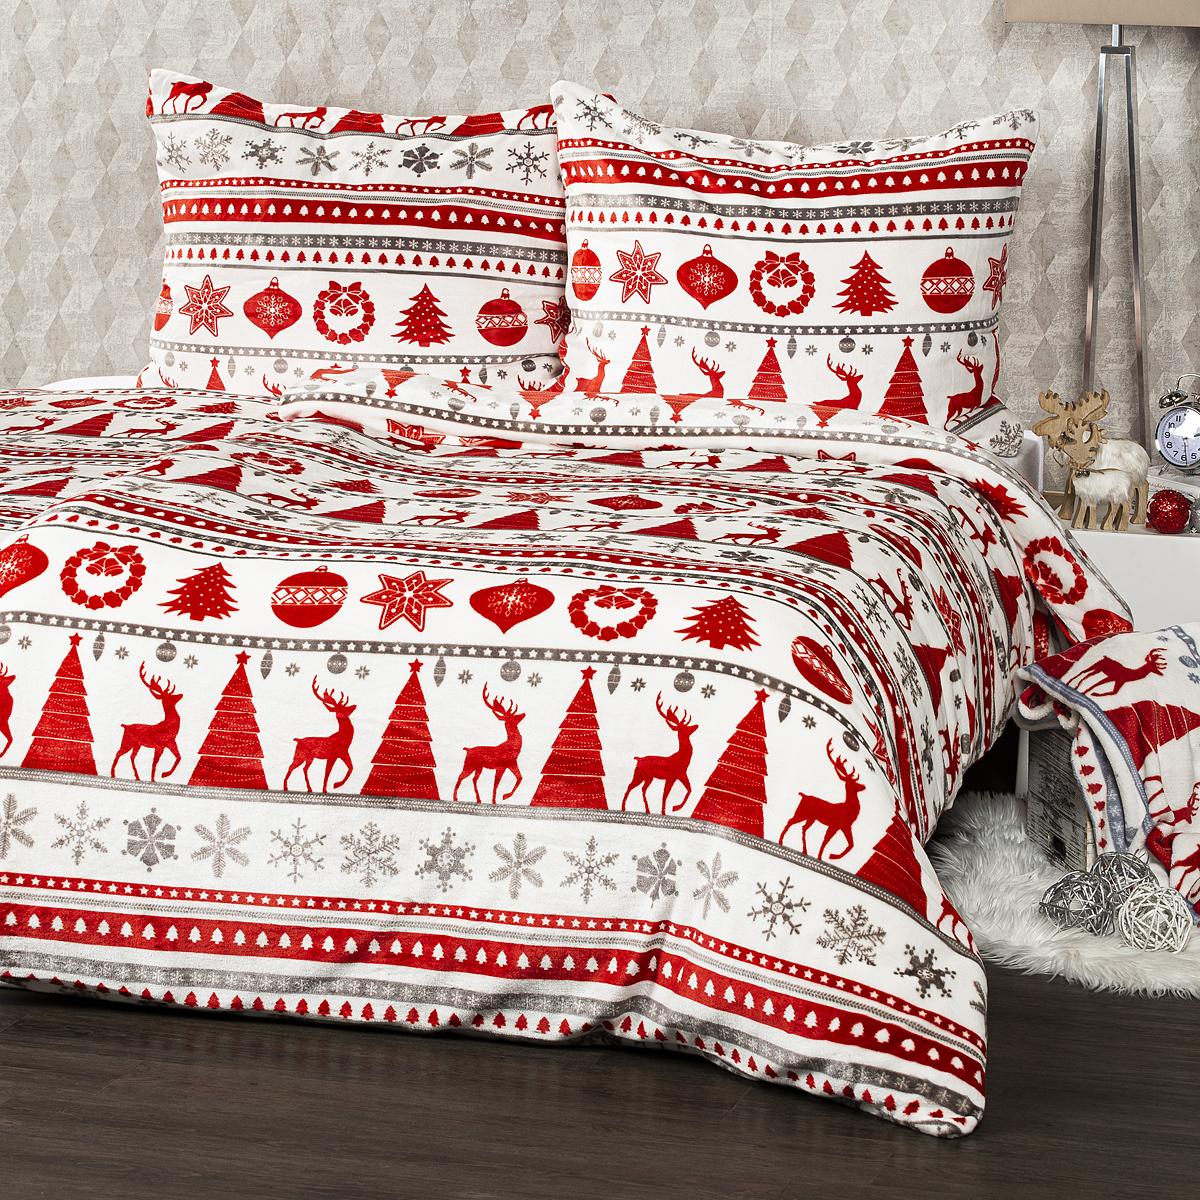 4Home obliečky mikroflanel Christmas Time červená, 160 x 200 cm, 2 ks 70 x 80 cm